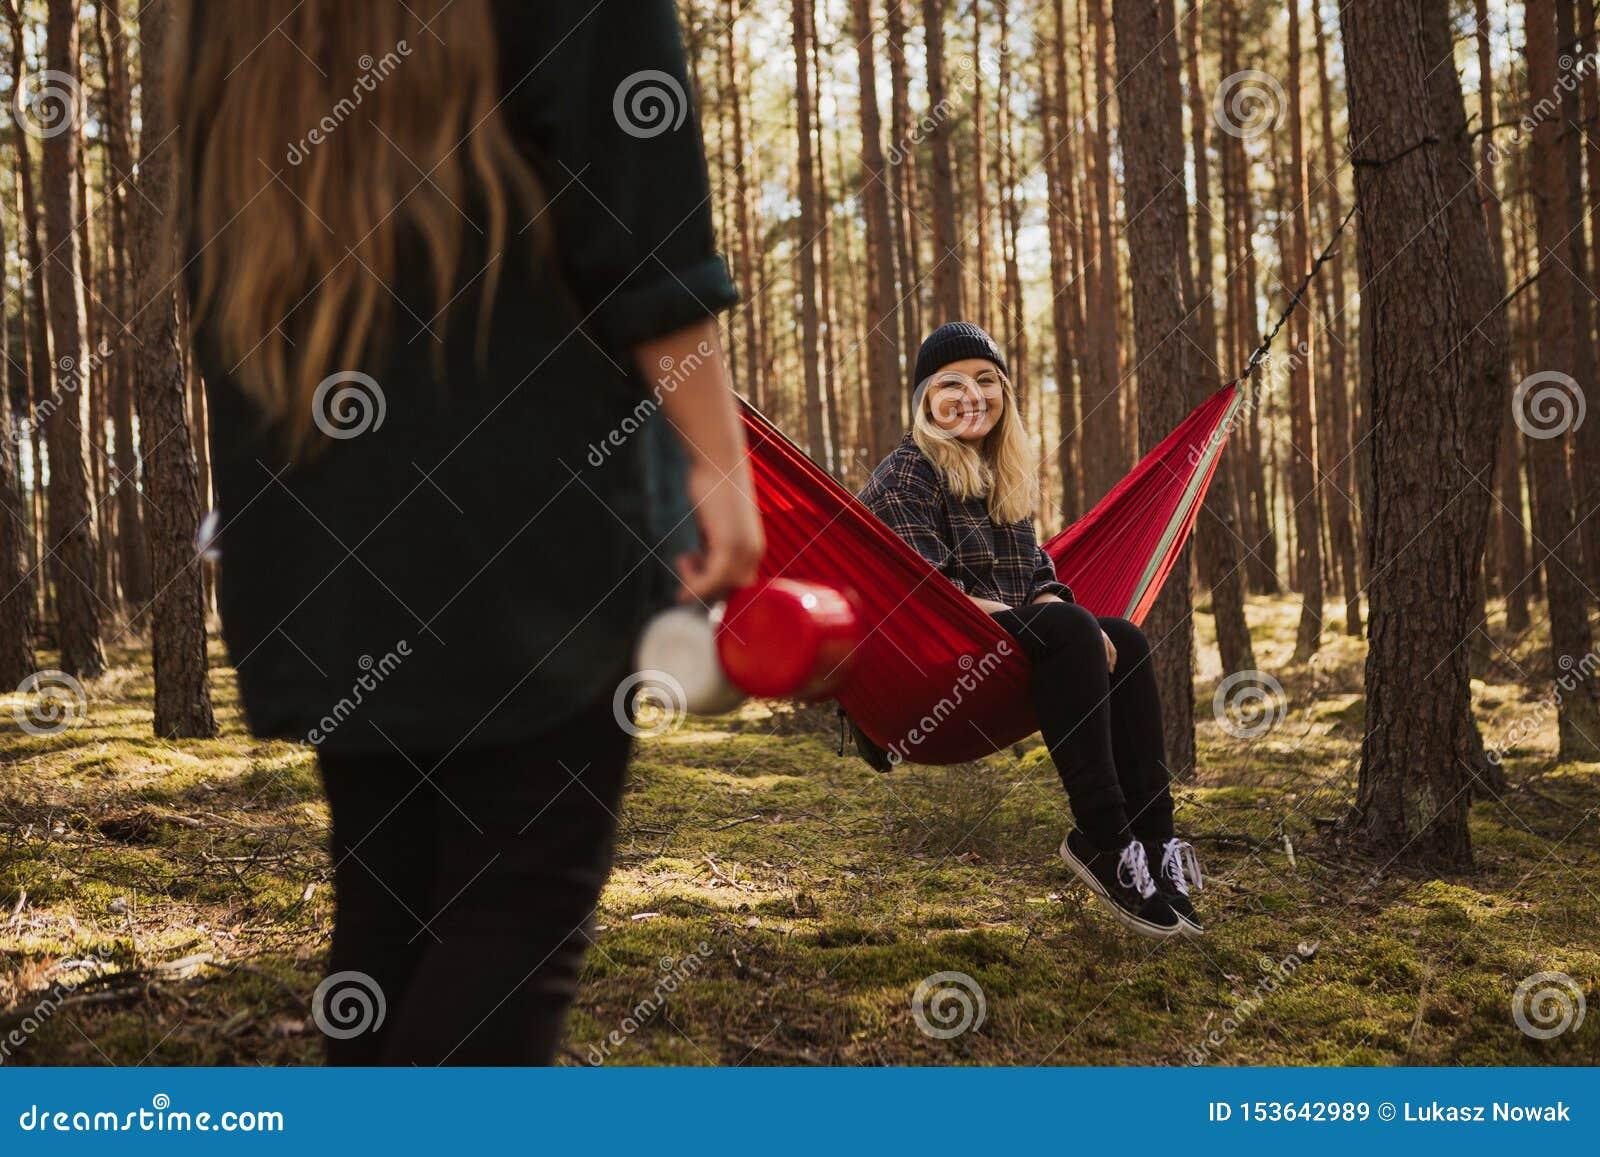 Glückliches junges Hippie-Mädchen genießt das Leben und Natur auf Hängematte mit anderer Frau im Sommerwald